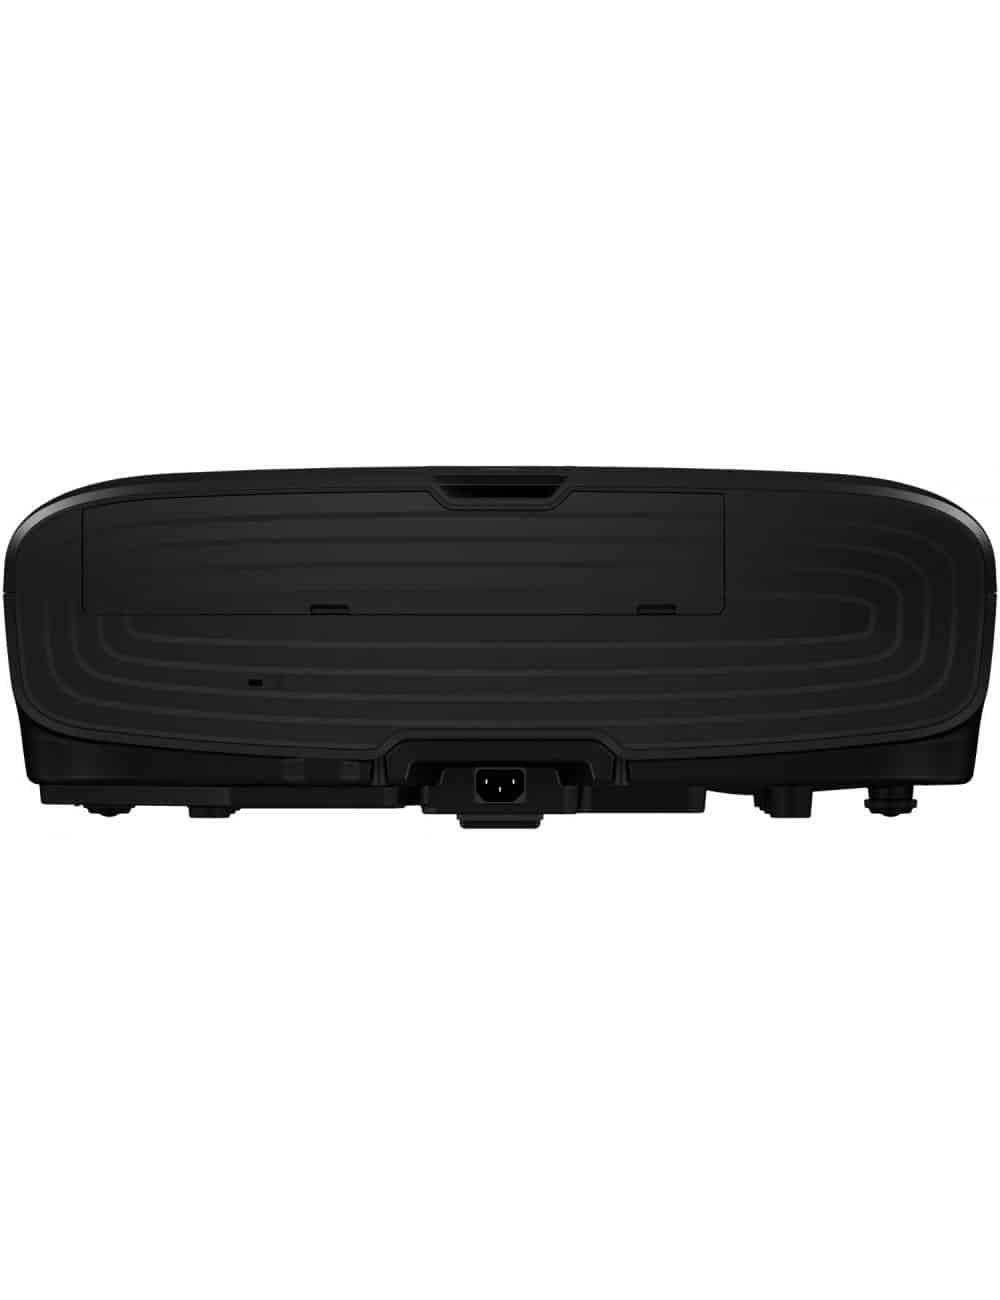 Proiettore UHD HDR per Home Cinema, Epson EH-TW9400, finitura black, vista posteriore